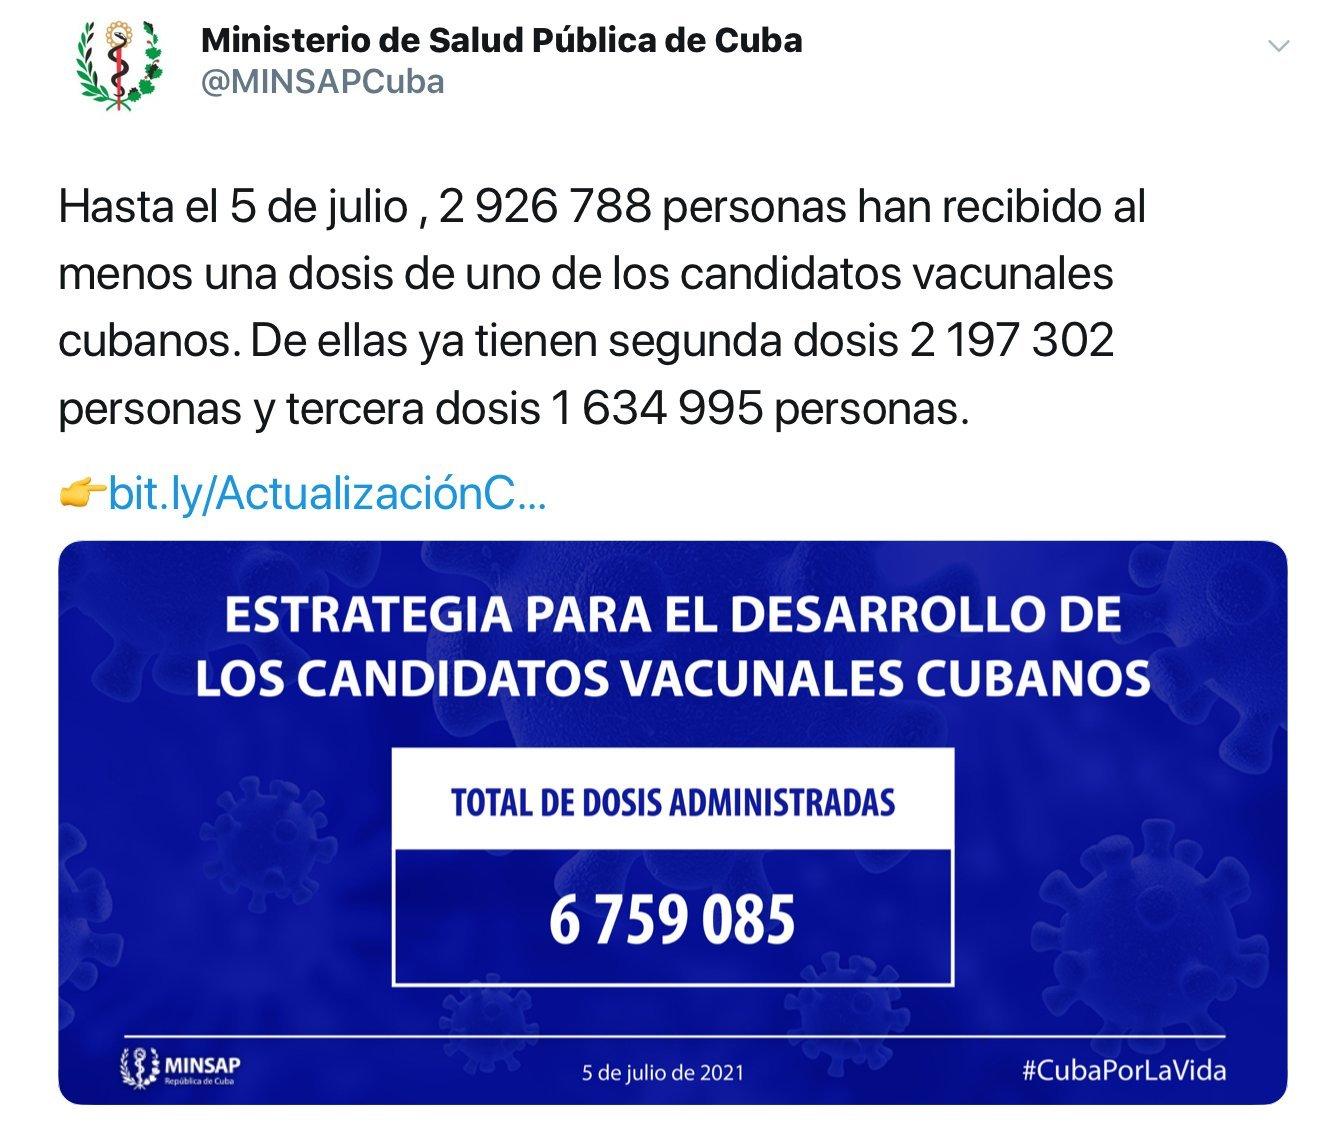 Captura de pantalla del perfil de Twitter del Ministerio de Salud Pública de Cuba (Minsap).